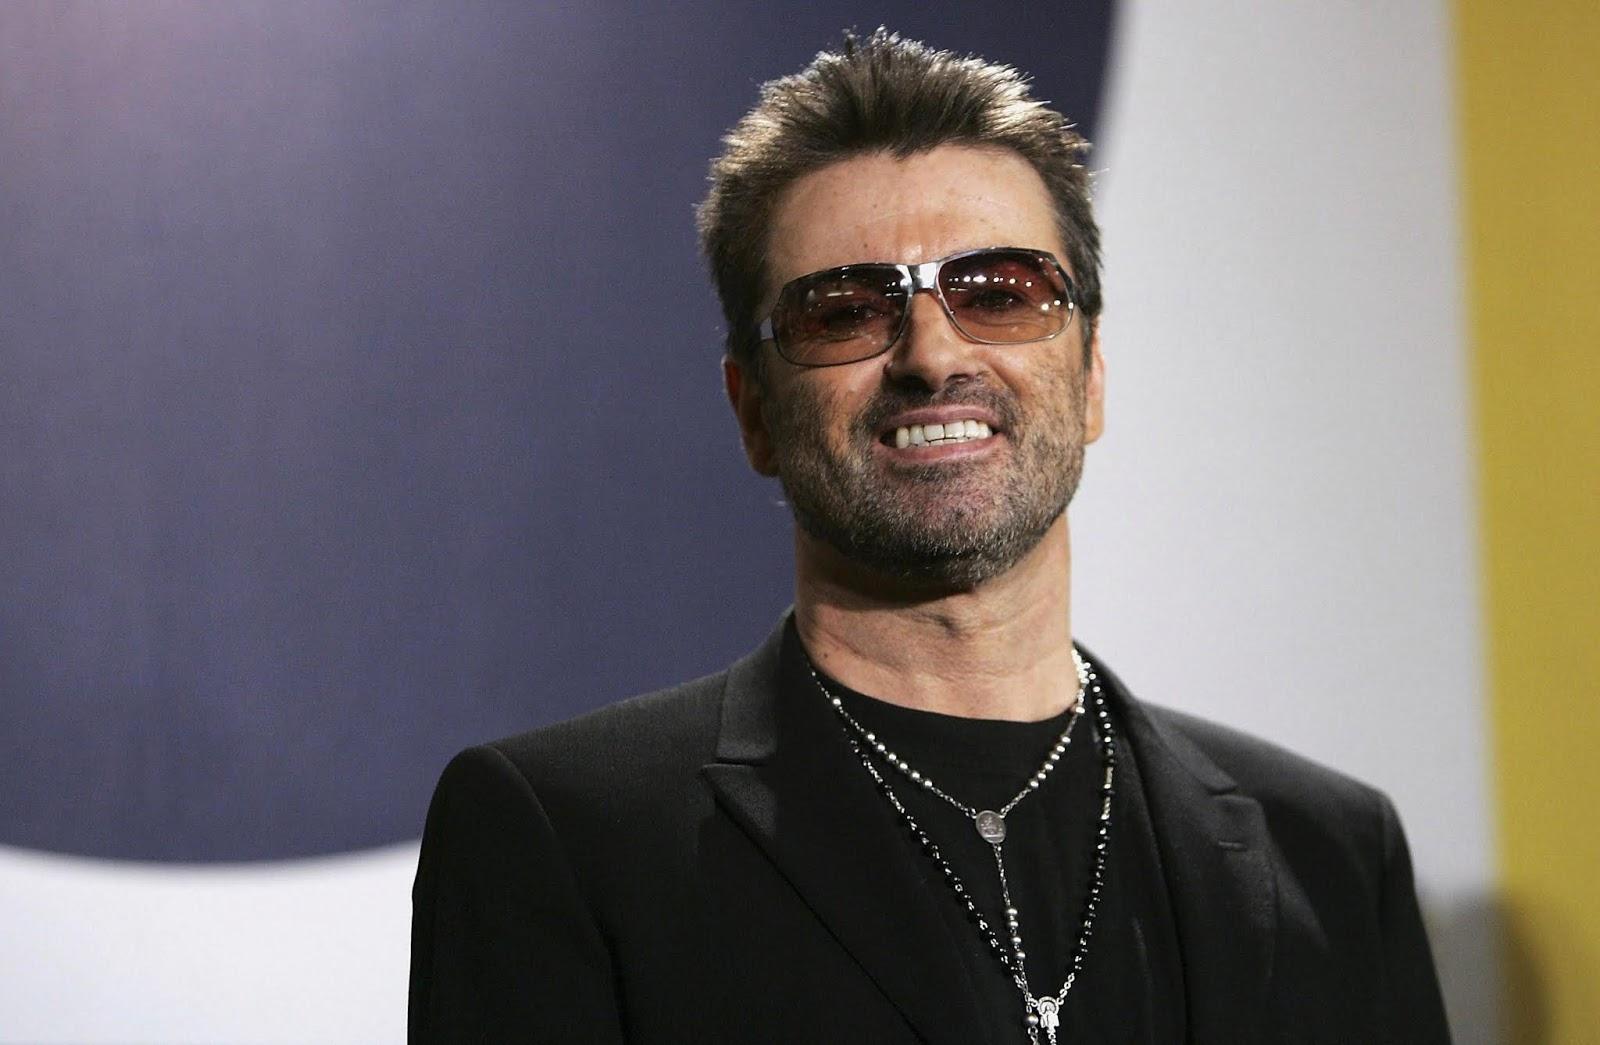 Single póstumo de George Michael será lançado nesta quarta-feira